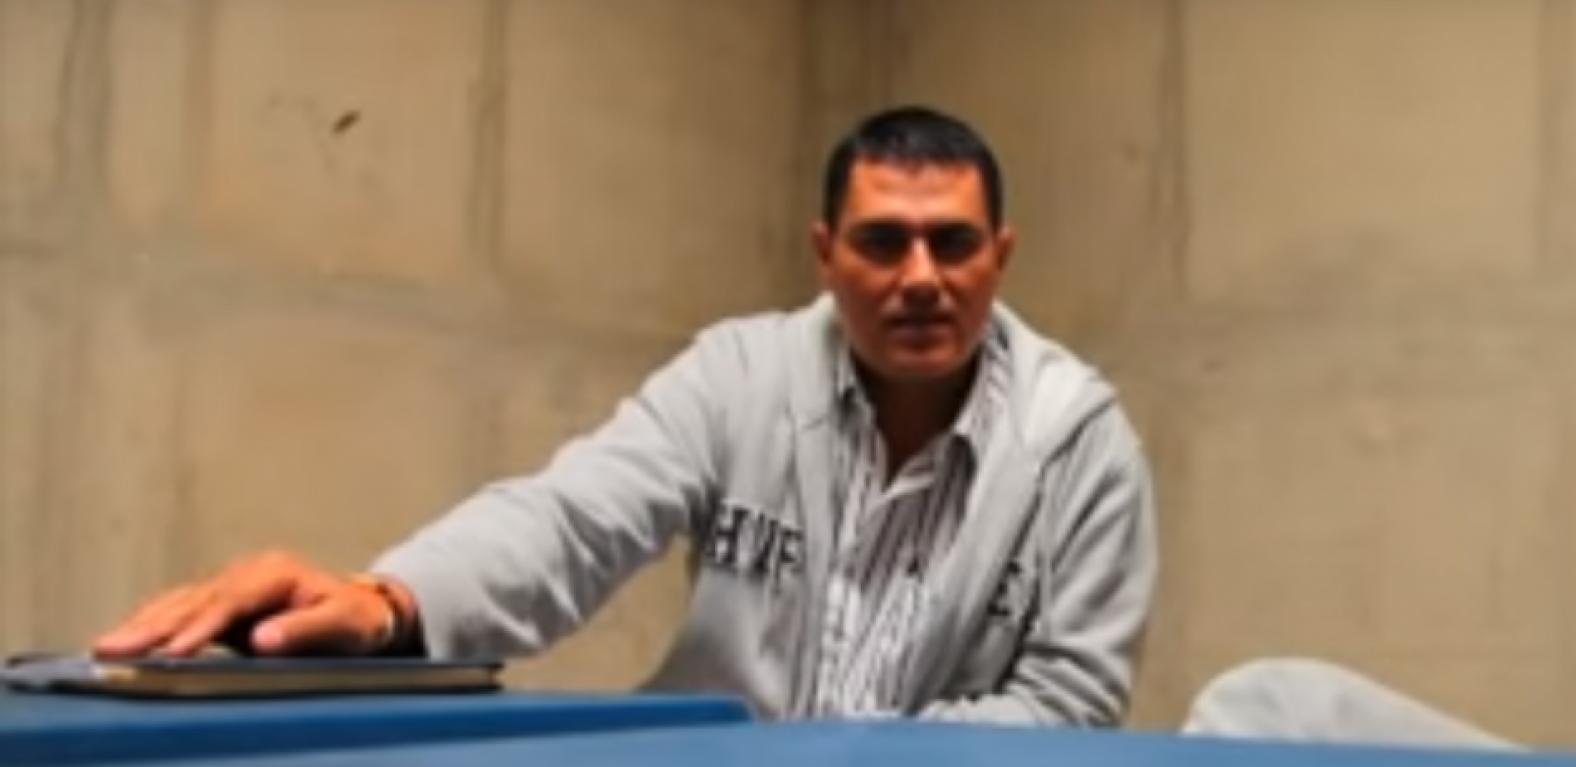 El ajedrez penitenciario de Juan Guillermo Monsalve, el testigo clave  contra el senador Álvaro Uribe   Agencia de Periodismo Investigativo